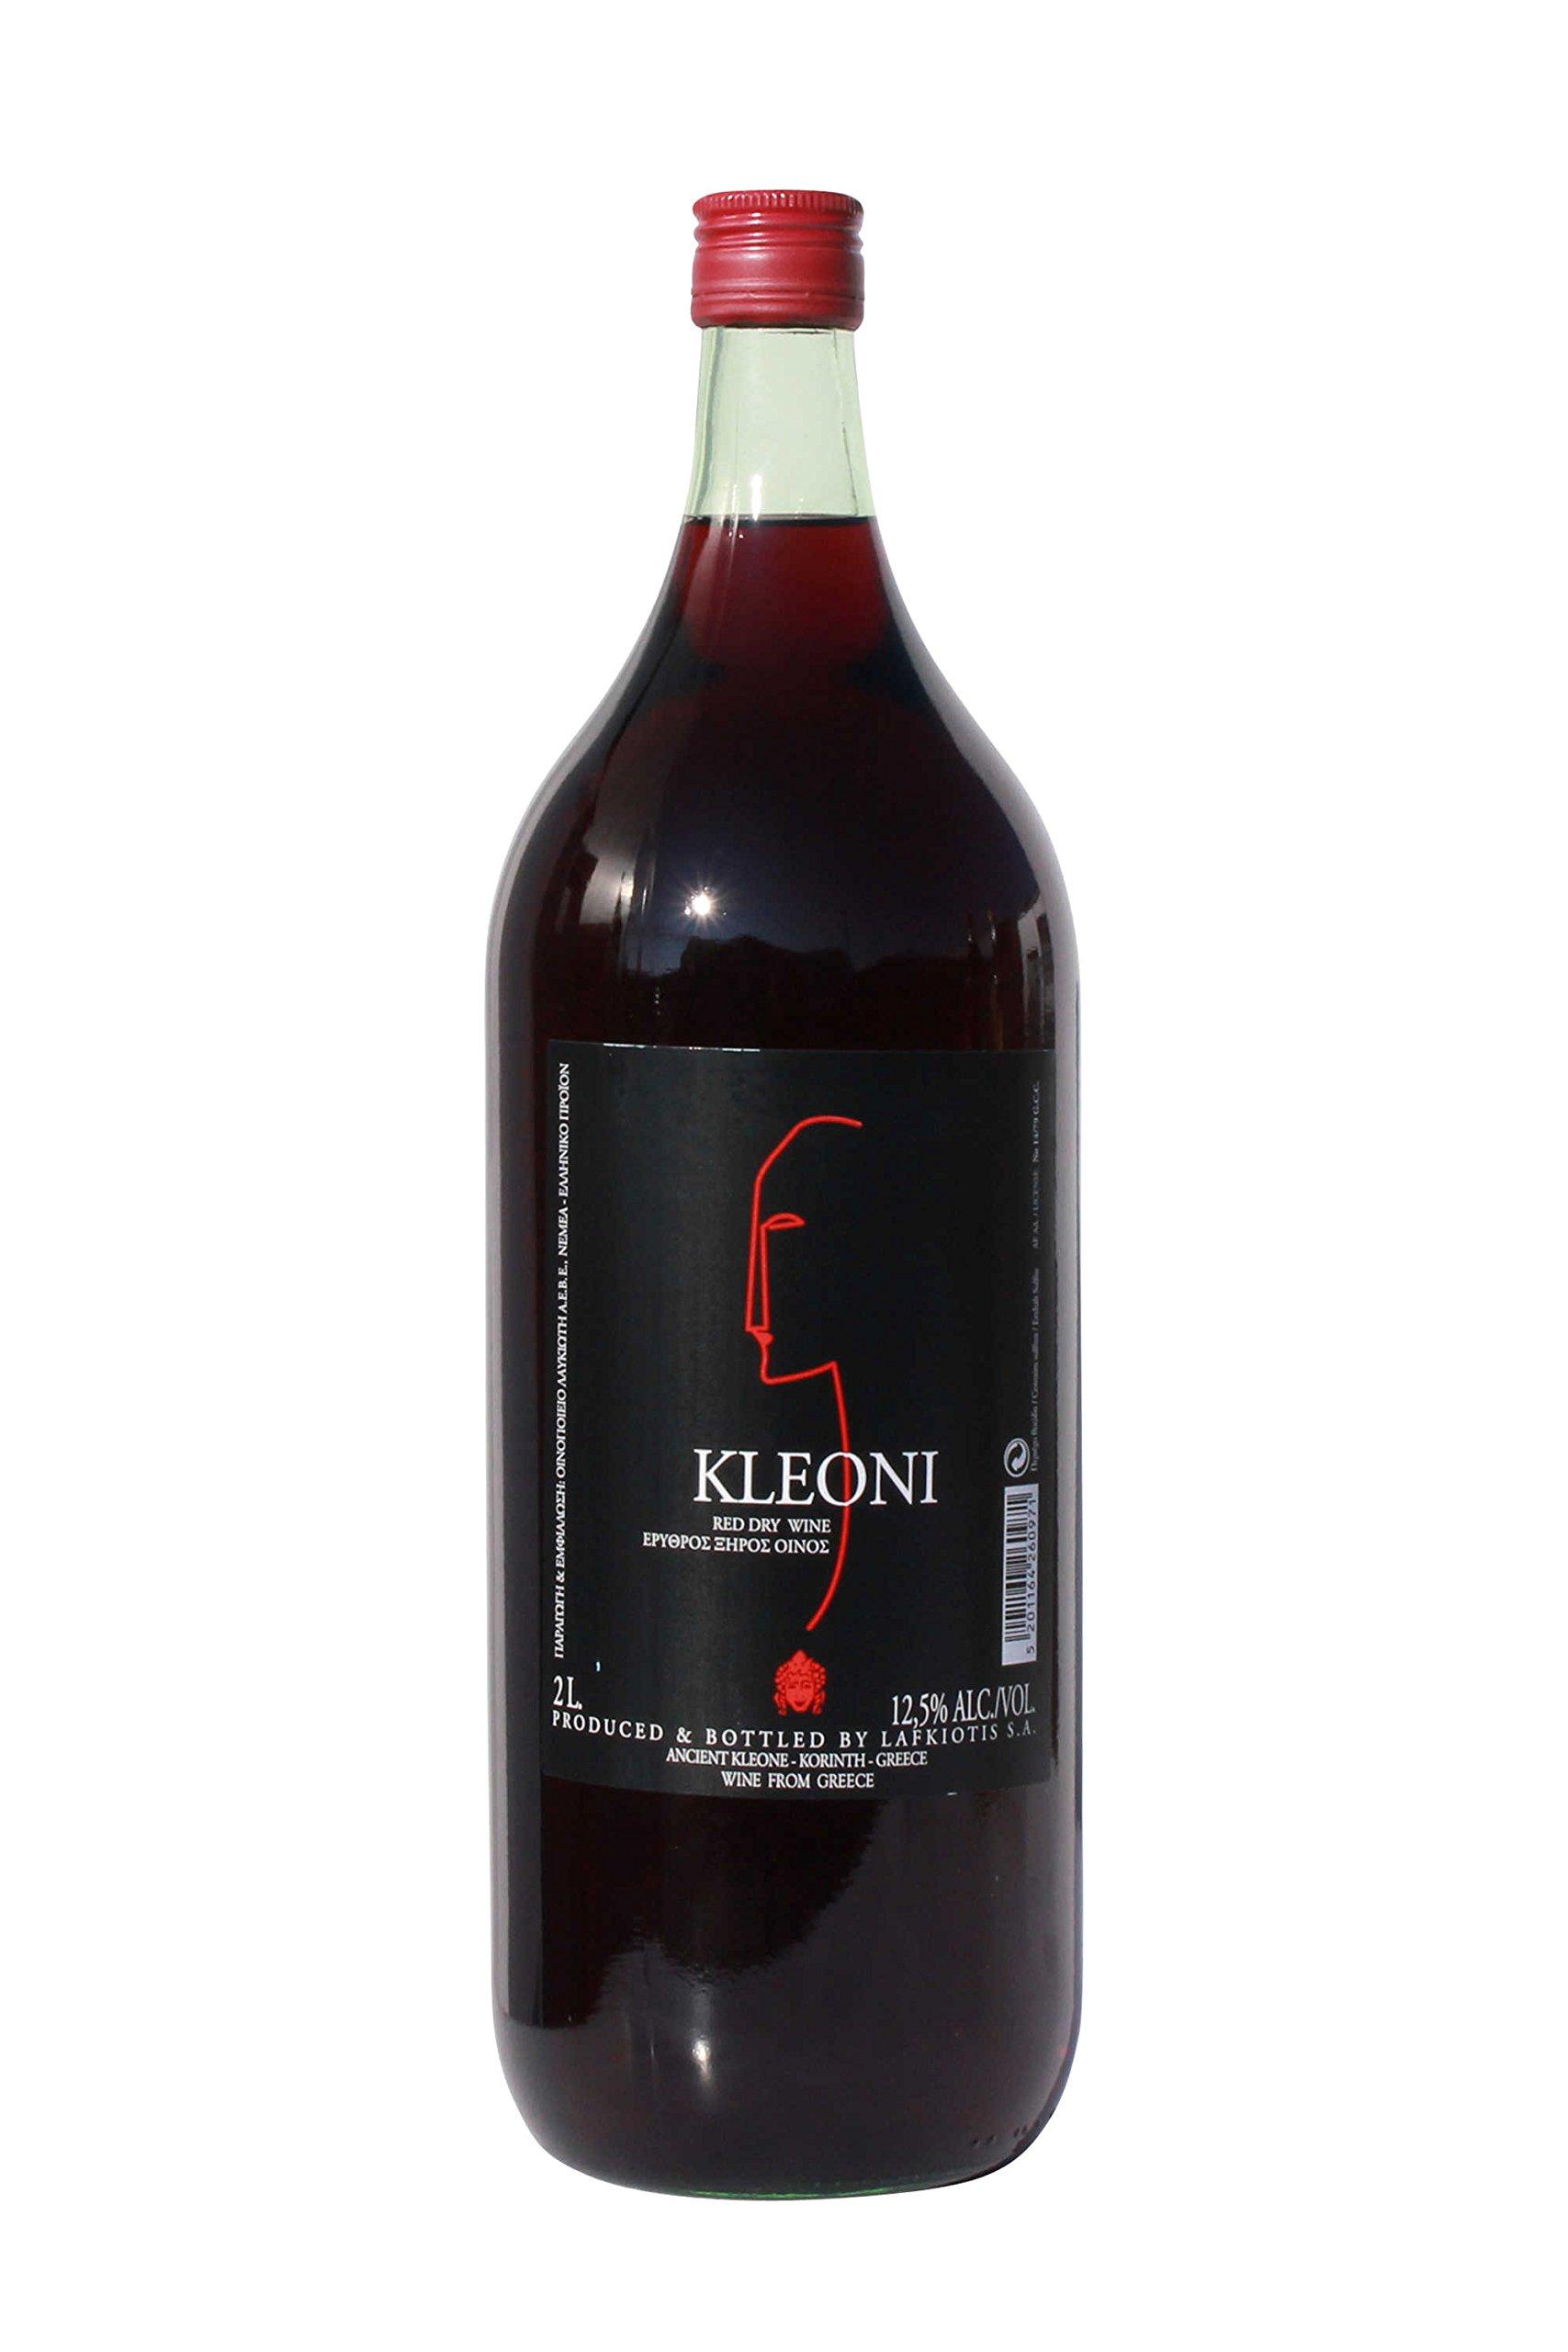 Kleoni-Rotwein-trocken-Lafkiotis-2-L-Flasche-griechischer-roter-Wein-Rotwein-Griechenland-Wein